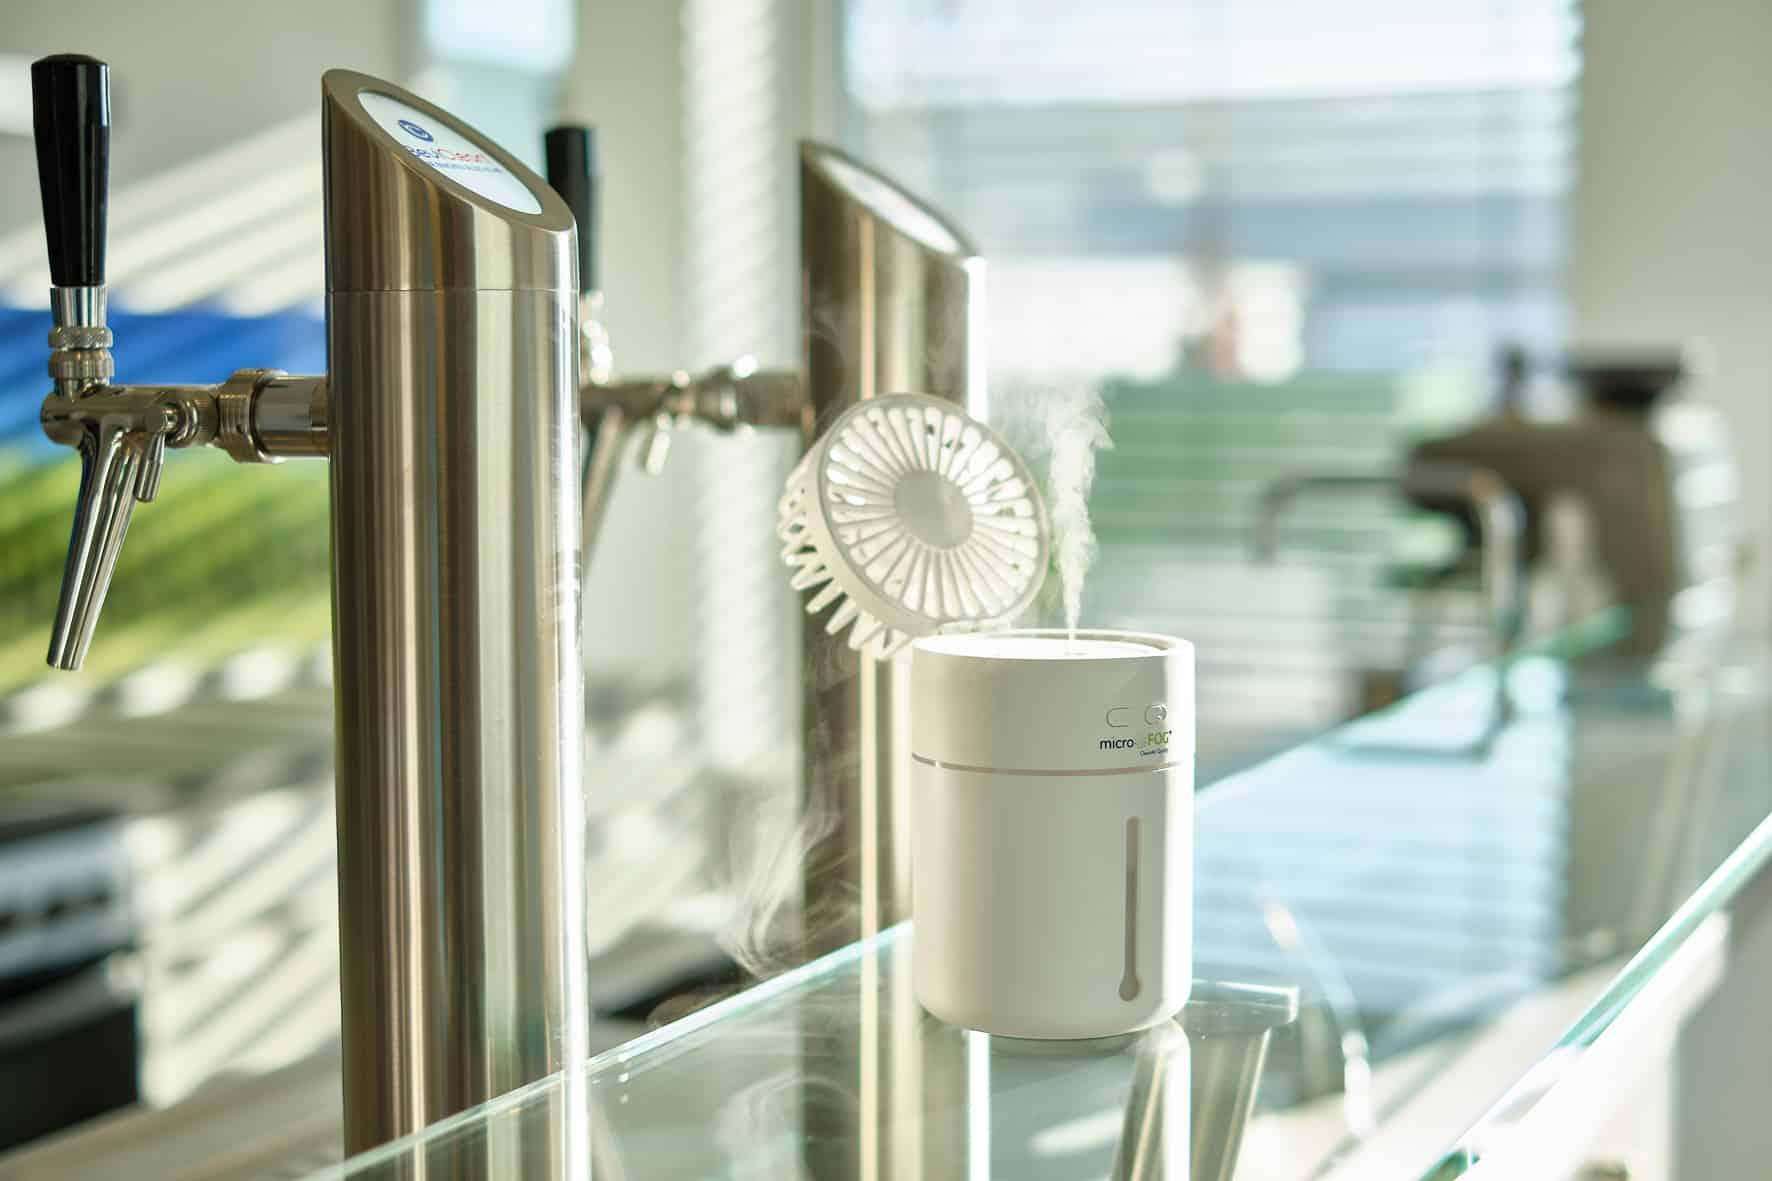 Mit BeviClean Air-Systemen bieten zwei Unternehmen aus der Getränkeindustrie ein Gesamtkonzept zur Verbesserung der Luft in einem Raum.